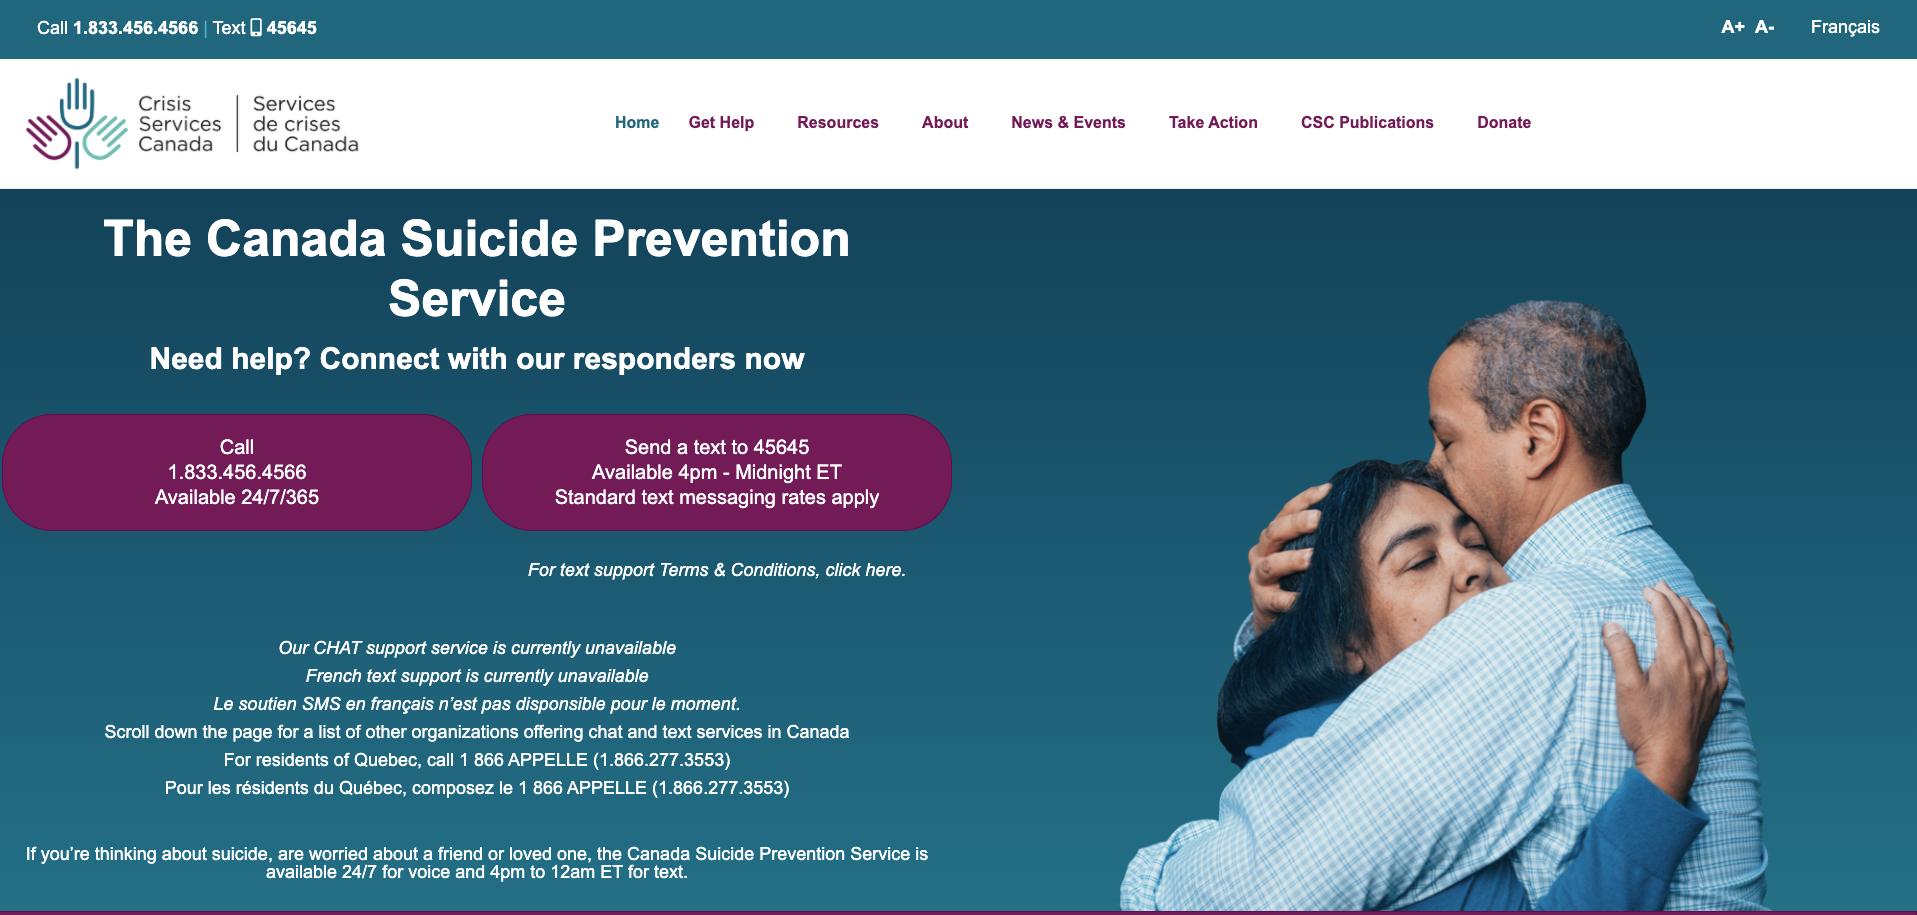 Crisis Services Canada